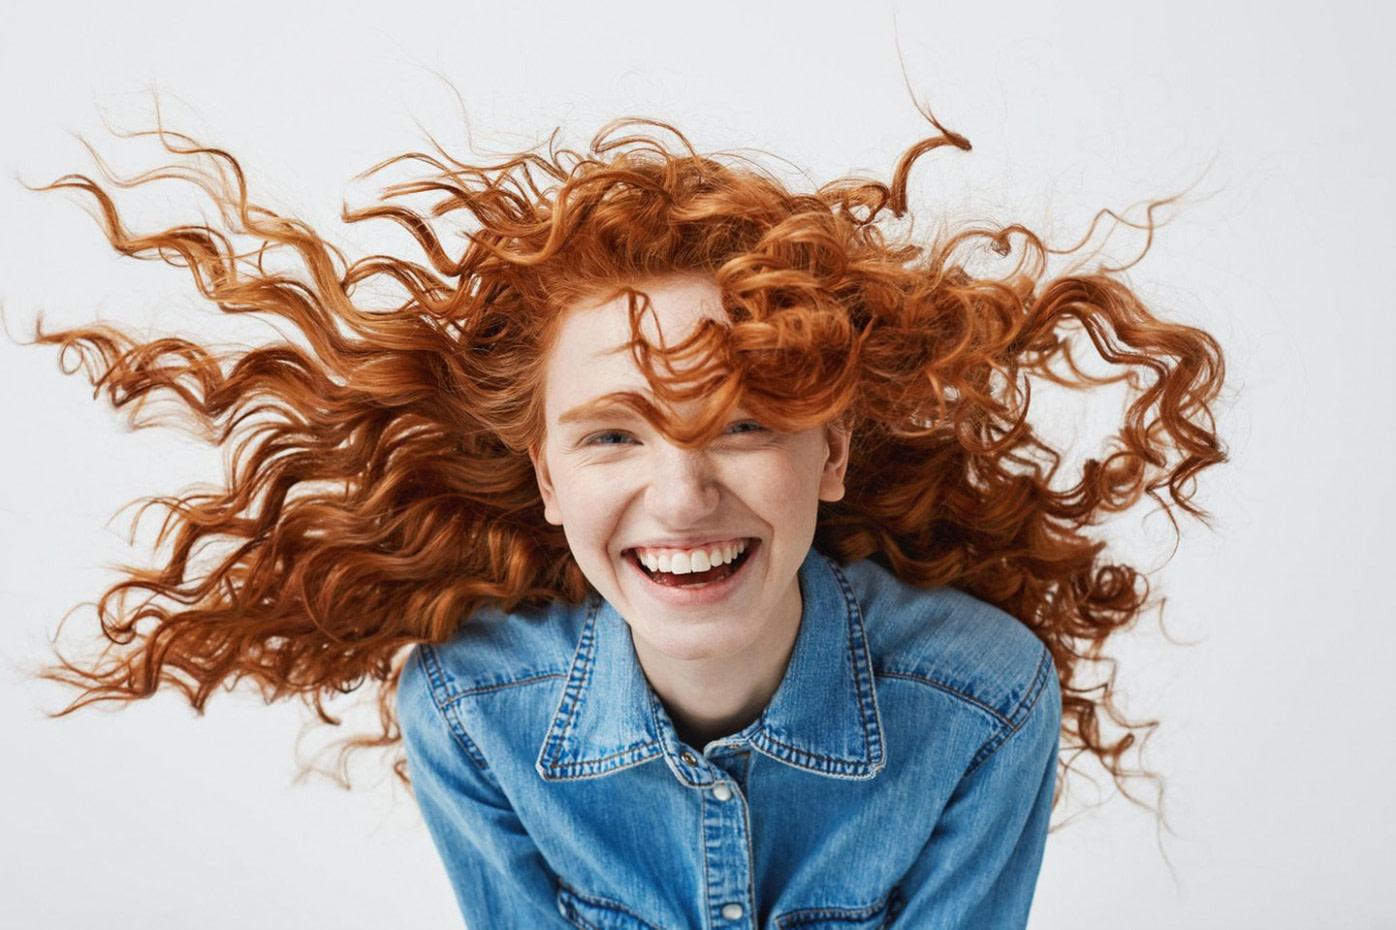 Schönheit Rote Haare: Pflege, Frisuren und Styling für Rothaarige  BRIGITTE.de